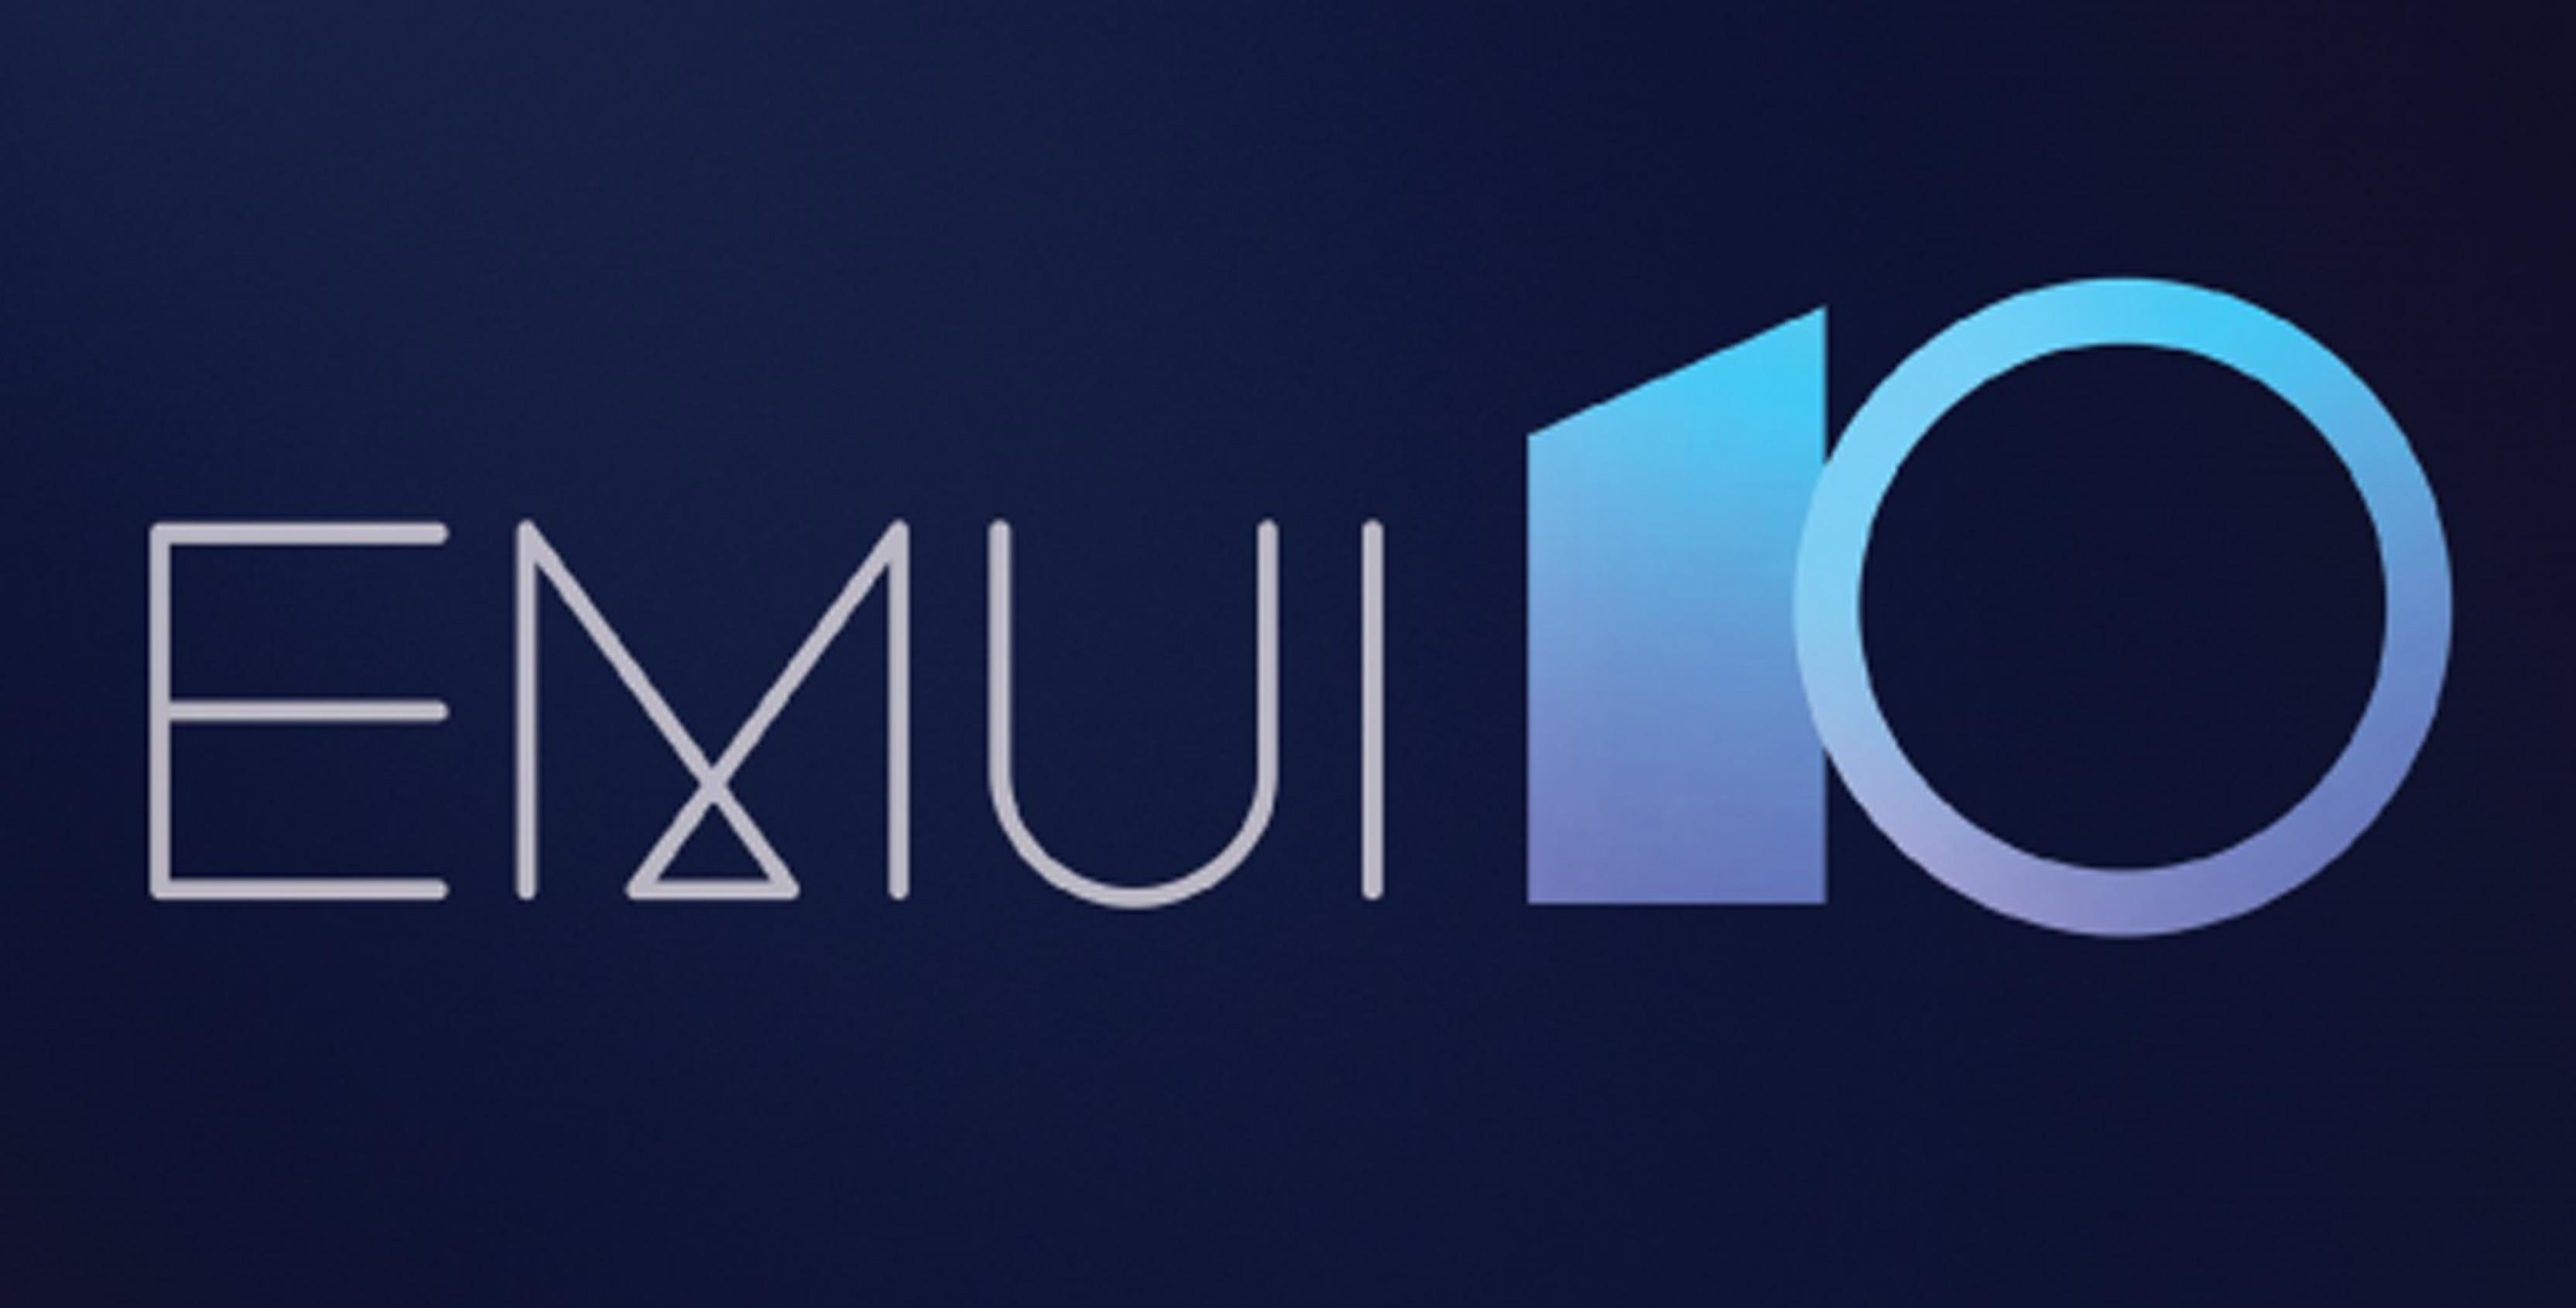 10 EMUI